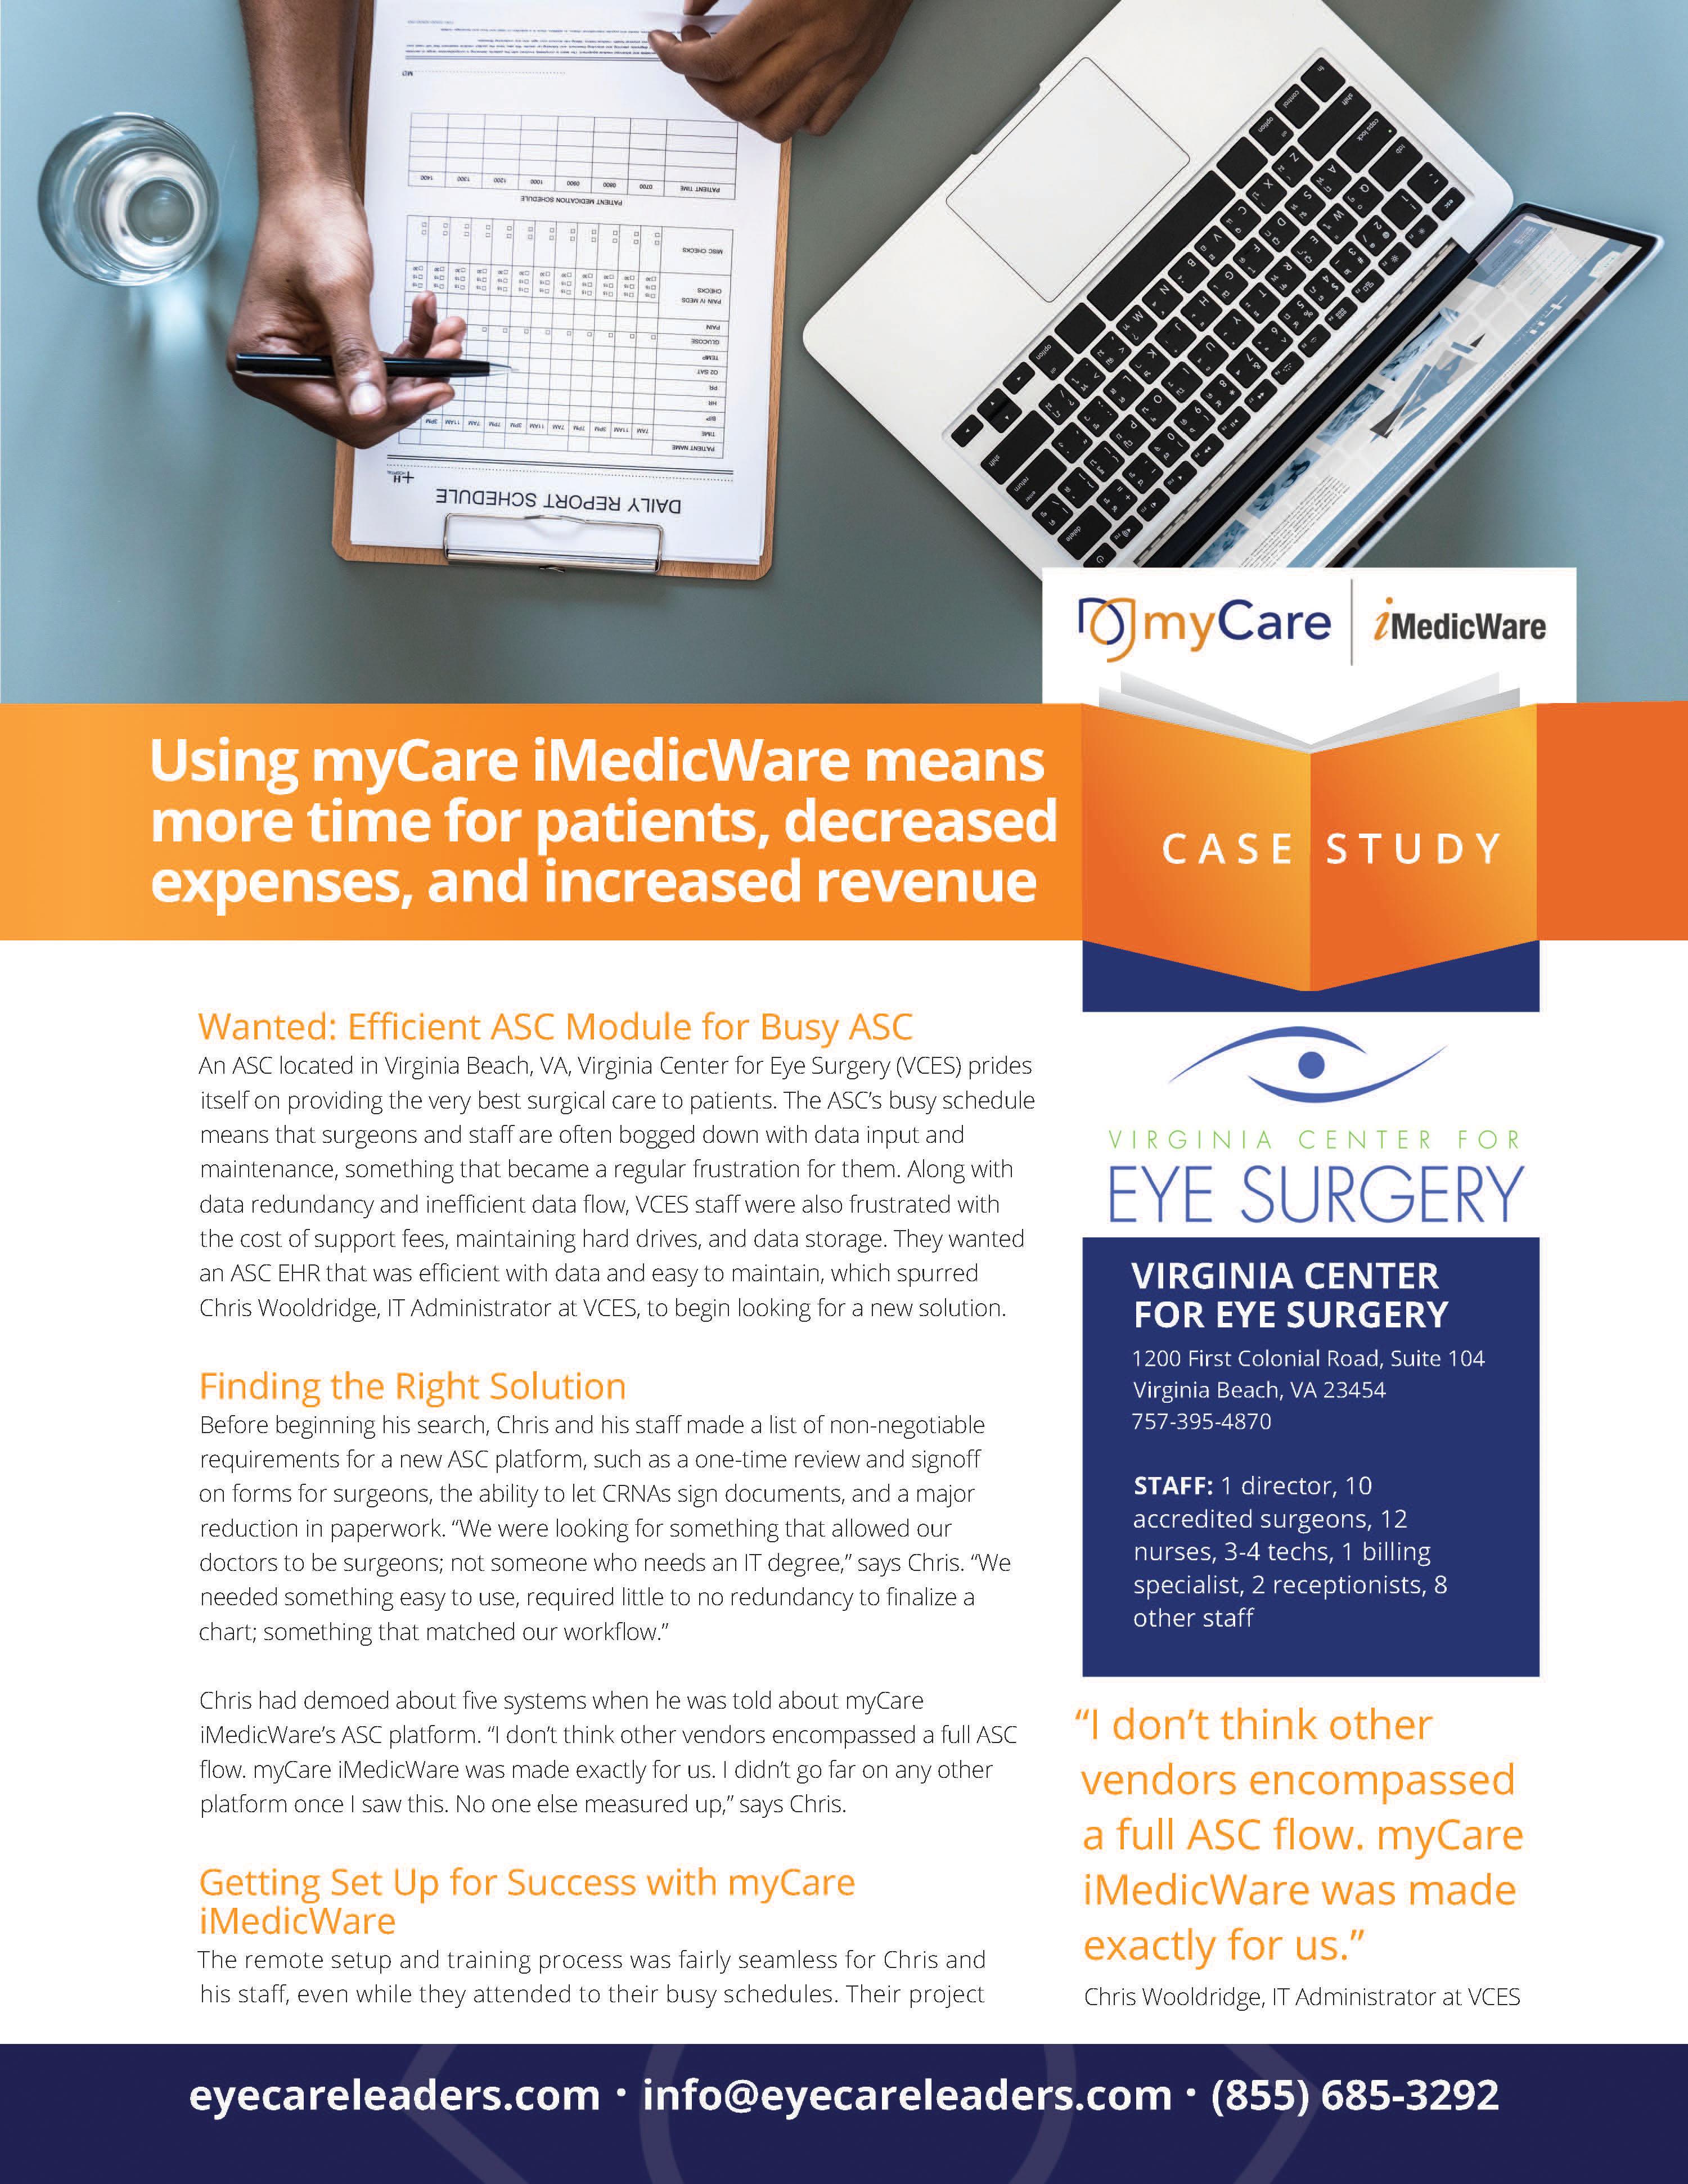 Virginia Center for Eye Surgery Case Study